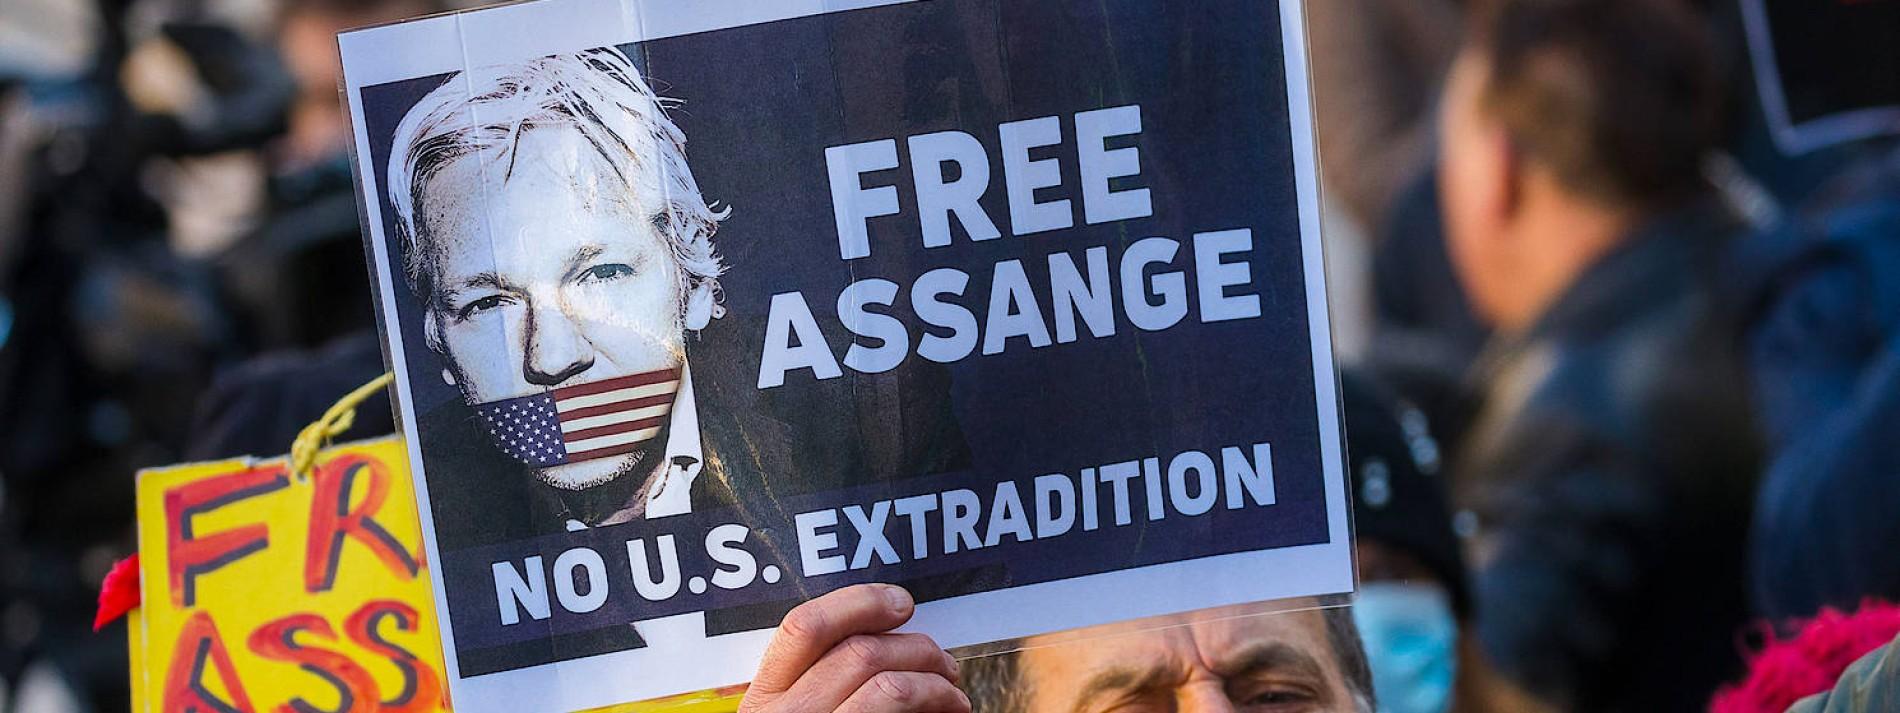 Assange Aktuell